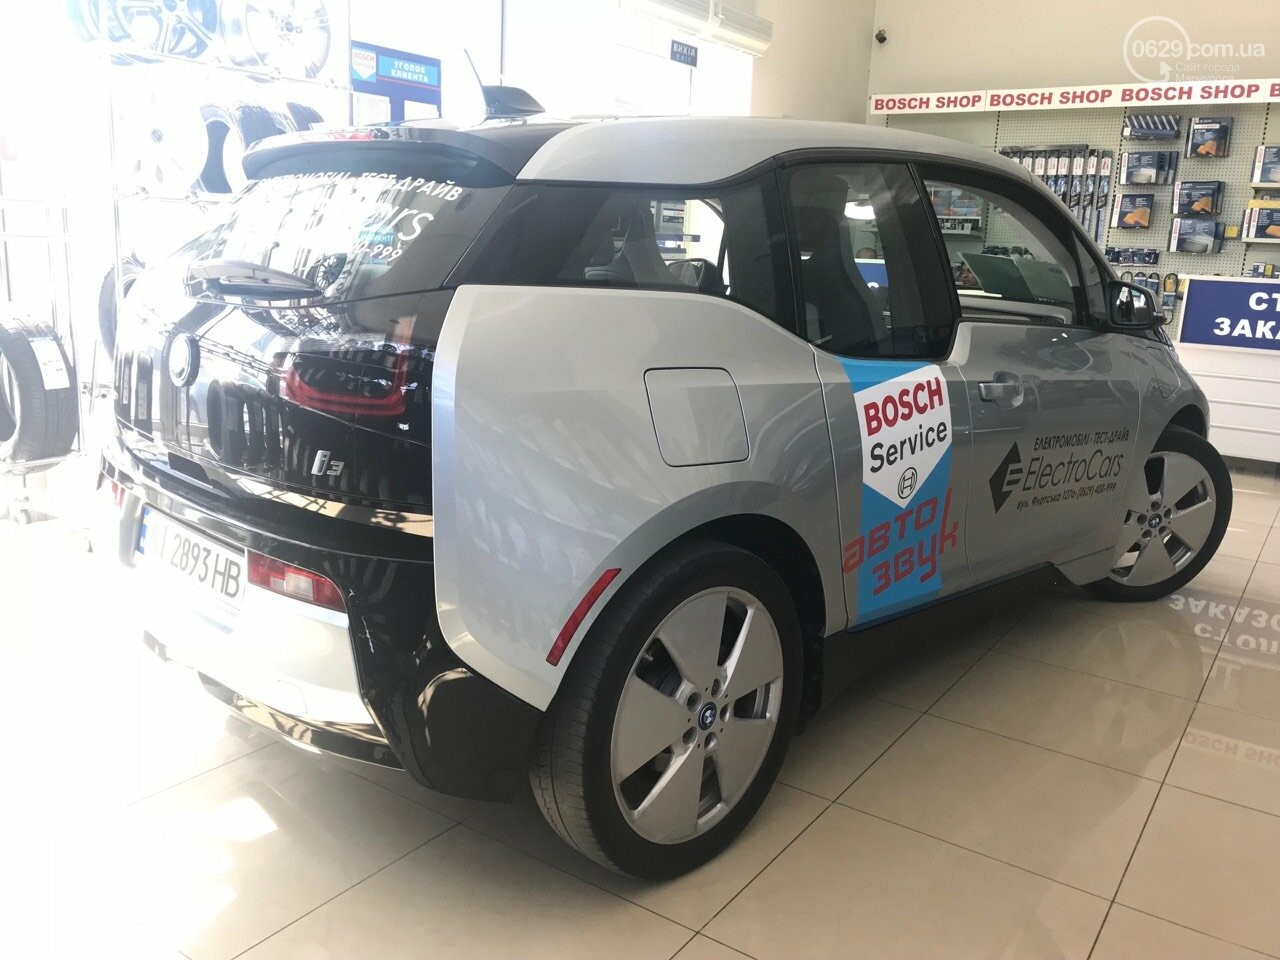 В Мариуполе открылся Автосалоне электромобилей «ElectroCars» , фото-4